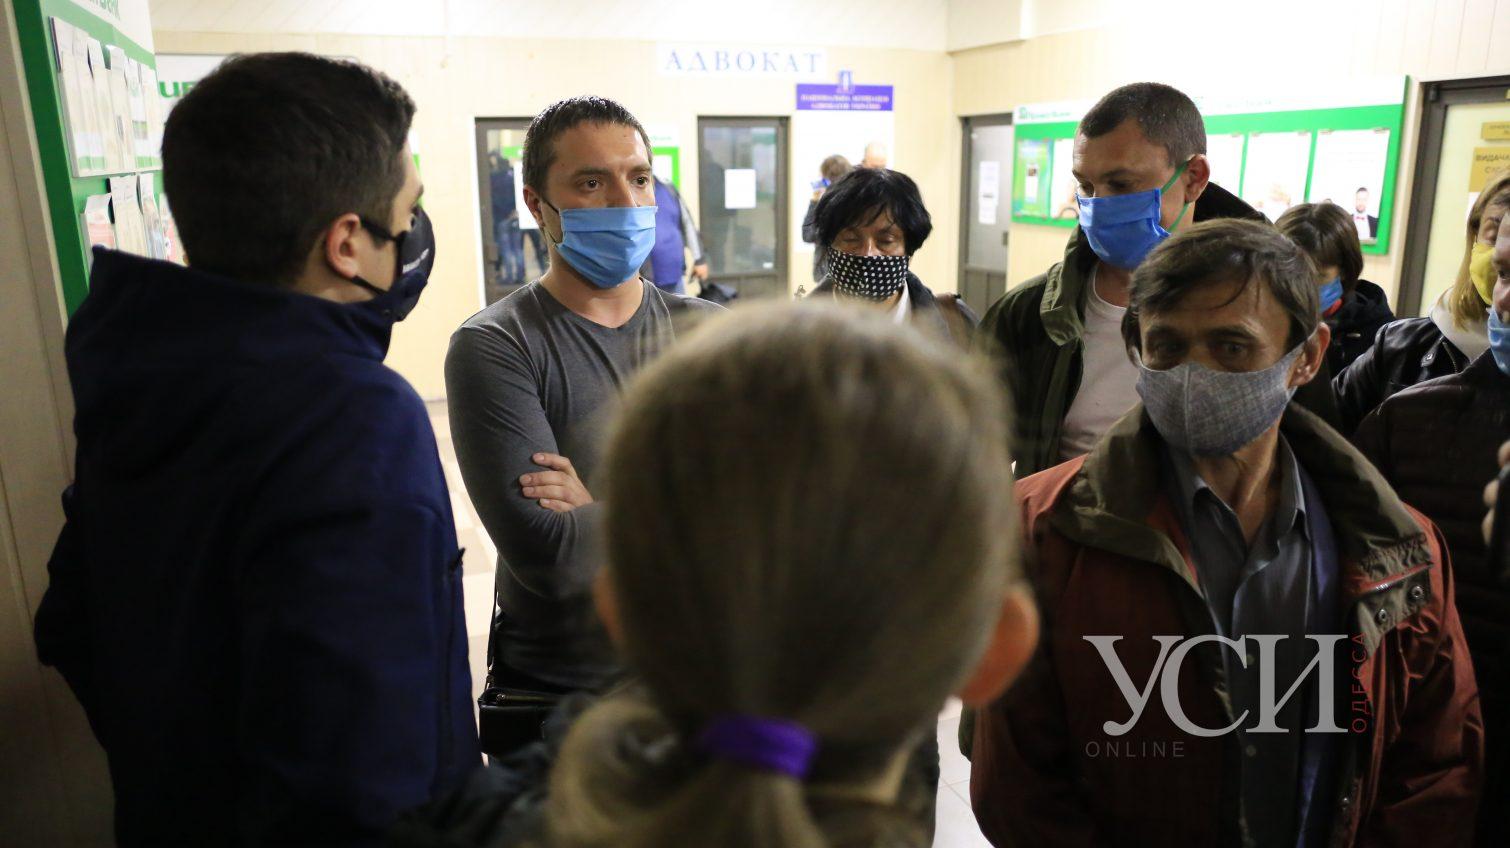 Суд по делу Хаецкого: адвокаты требуют выпустить его из СИЗО, а прокуроры говорят об угрозе выезда за границу (фото) «фото»